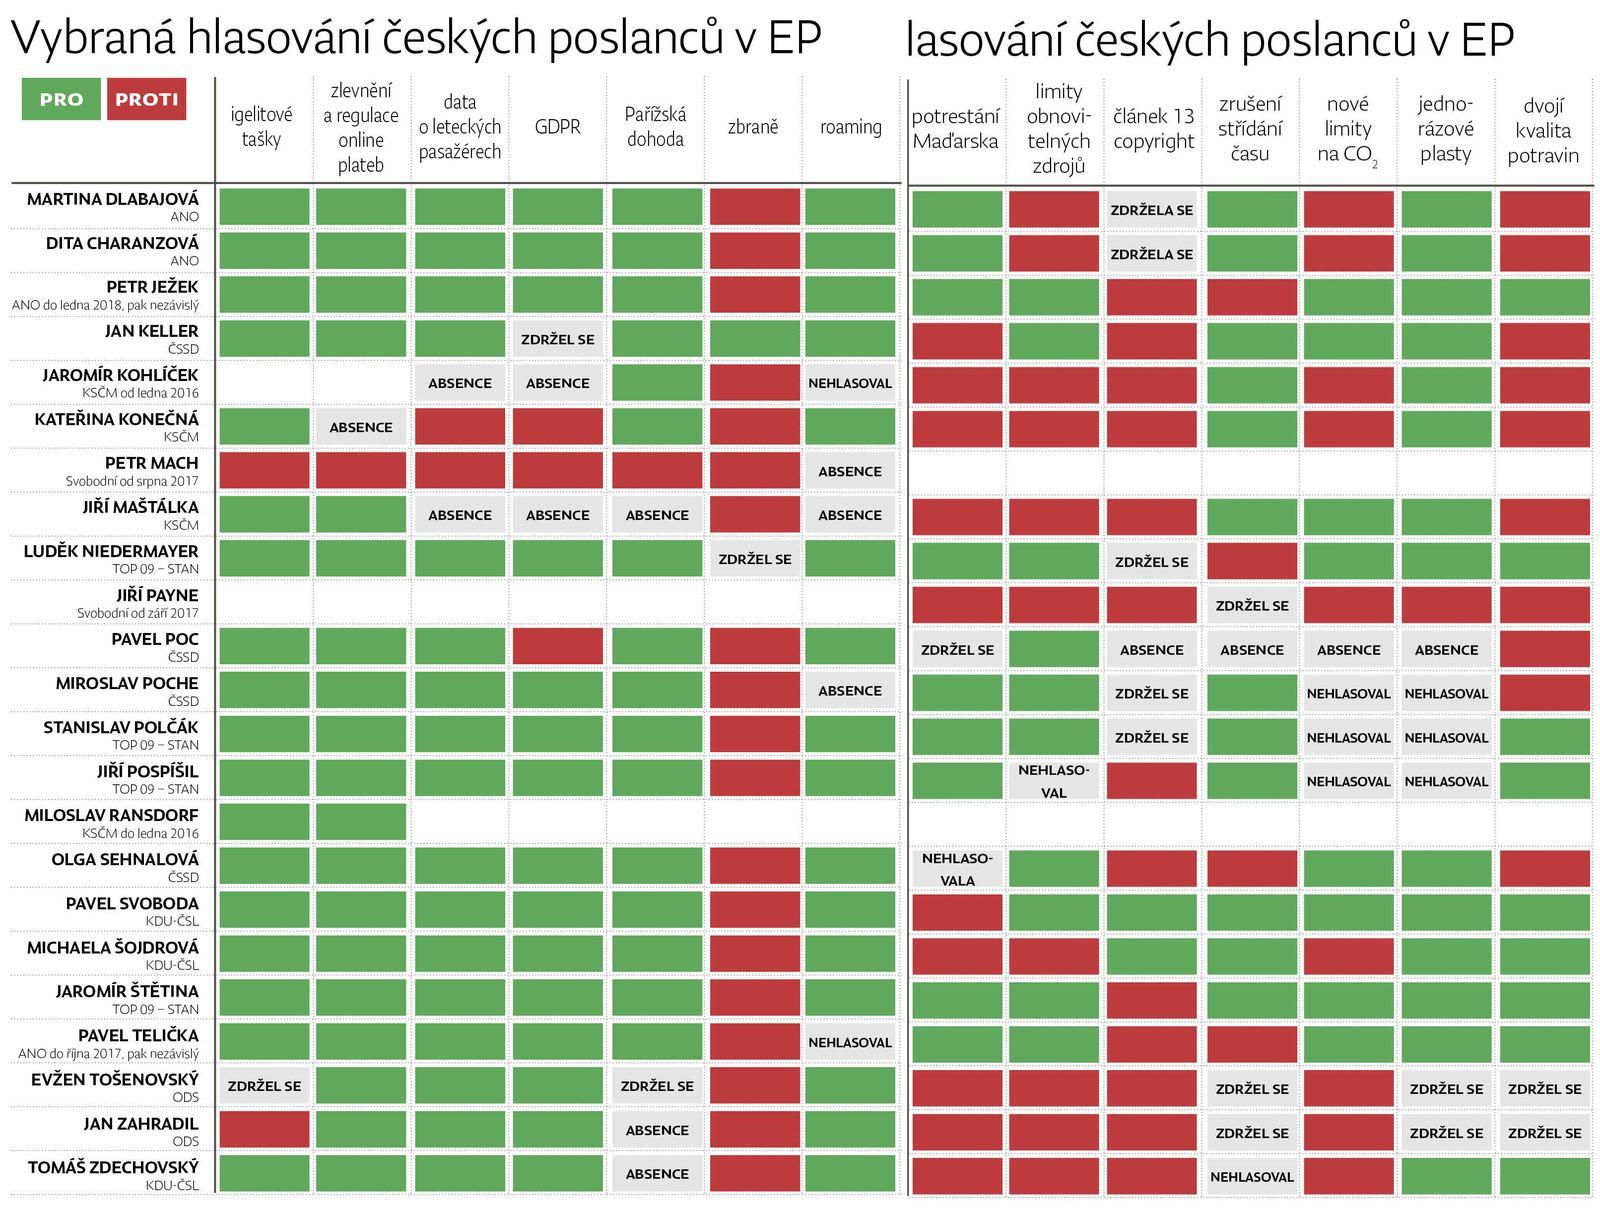 jak hlasovalo čeští europoslanci v EU - Deník N